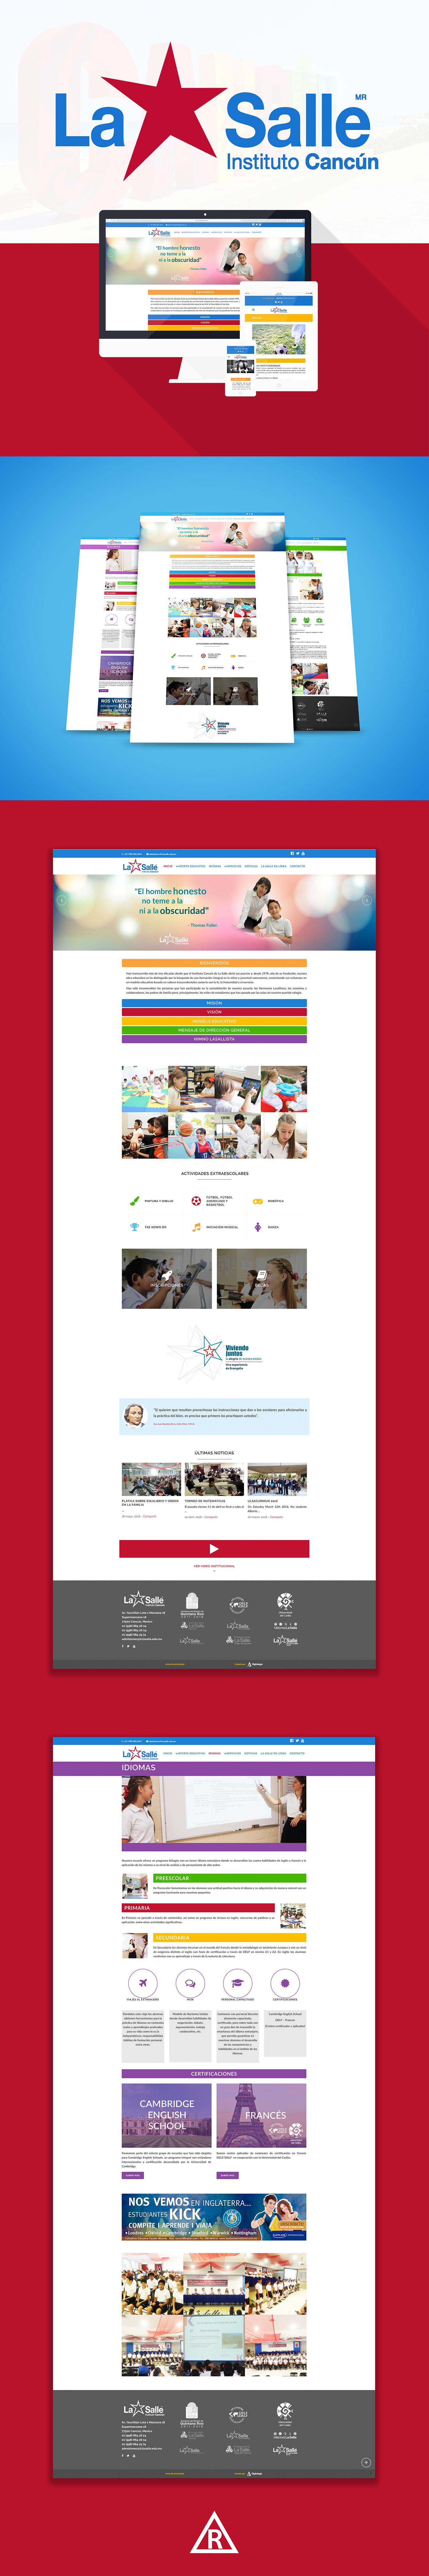 Instituto-cancun-lasalle-web-design